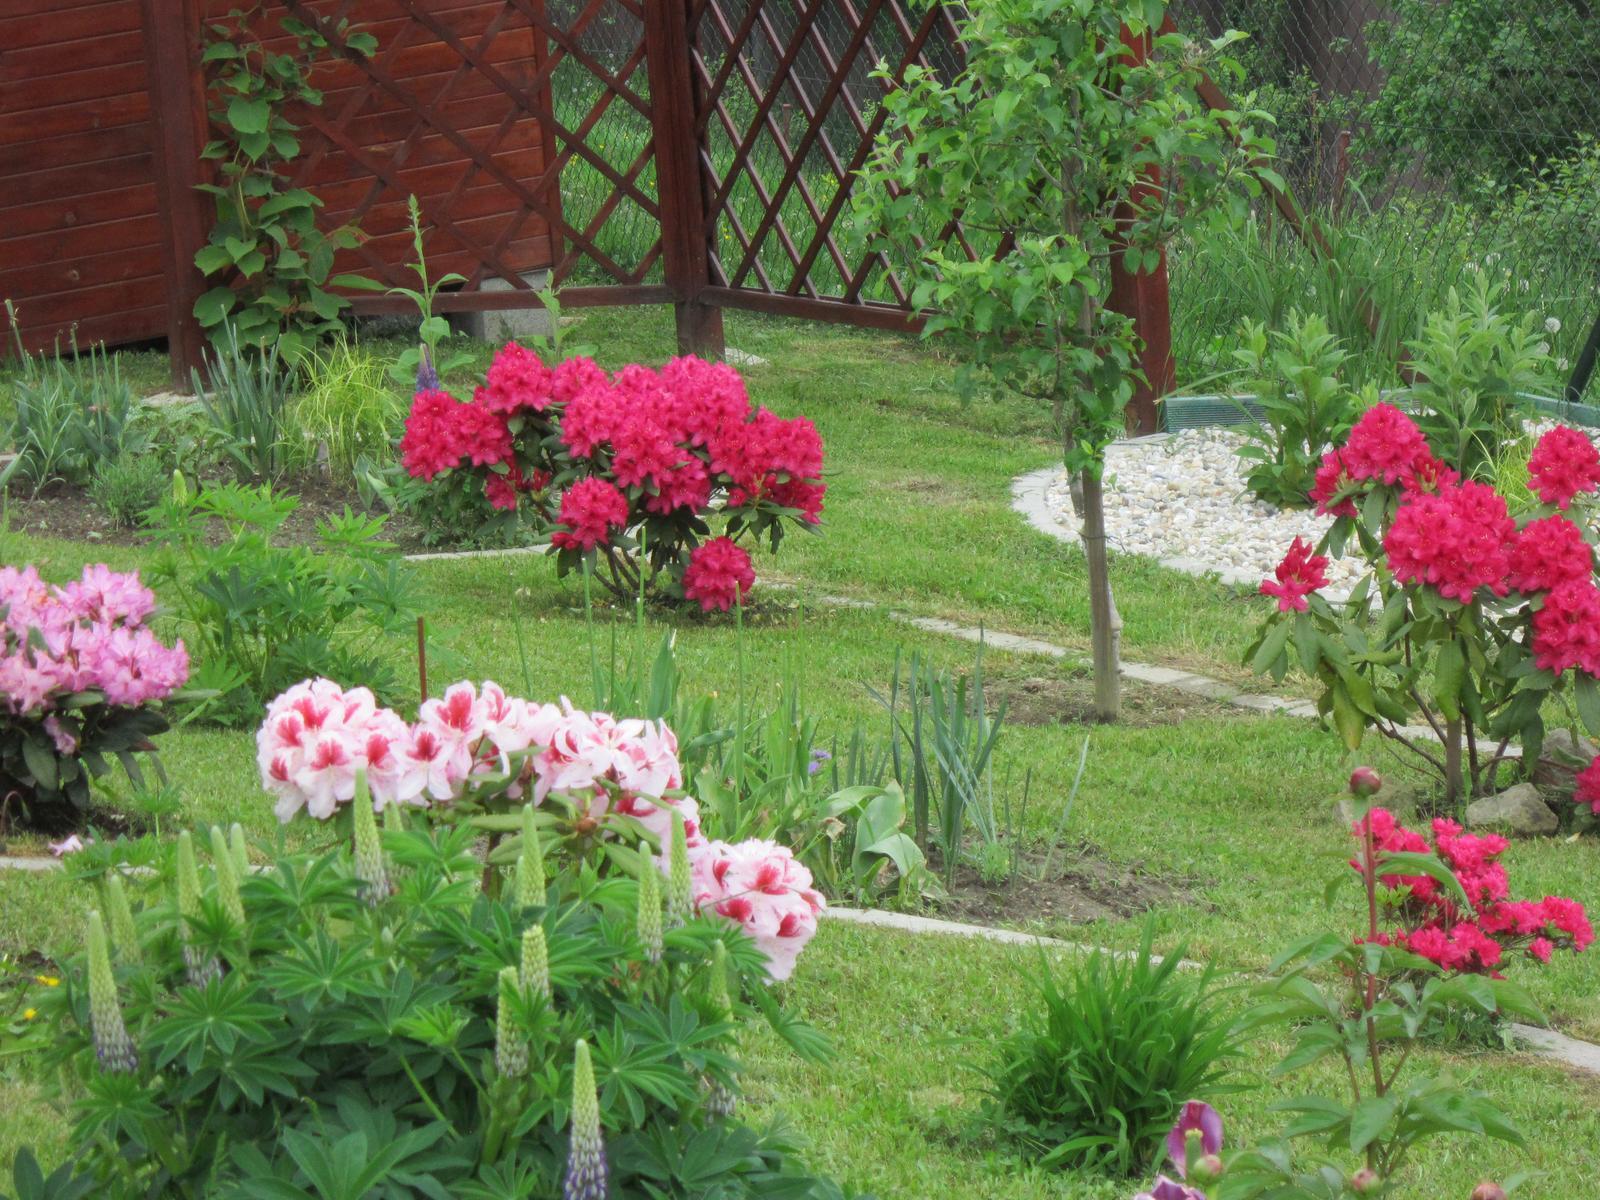 Moja záhrada...ako šiel čas - Obrázok č. 57